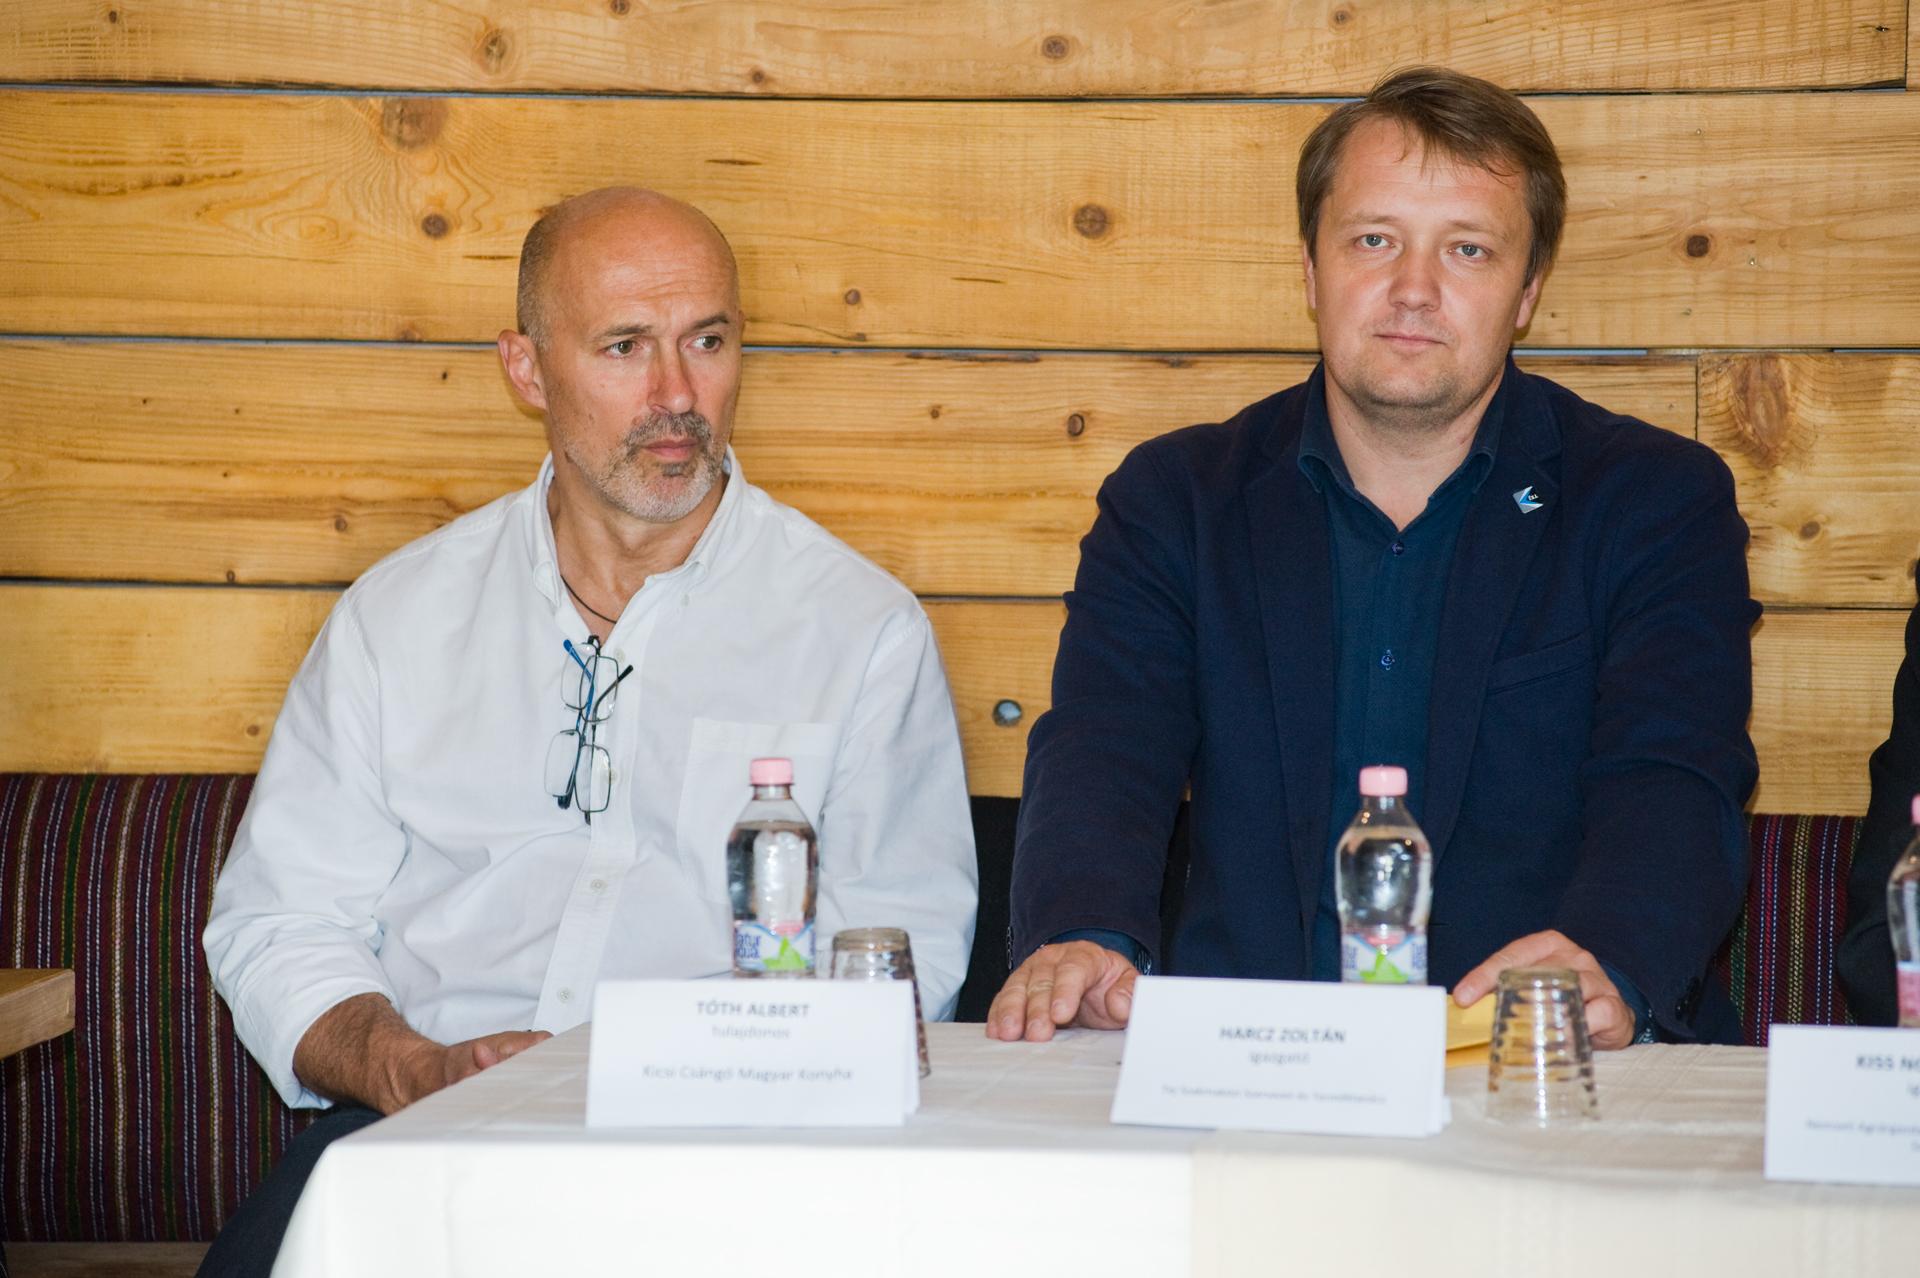 Balról jobbra:<br />Tóth Albert: a Kicsi Csángó Magyar Konyha étterem egyik tulajdonosa;<br />Harcz Zoltán: a Tej Szakmaközi Szervezet és Terméktanács ügyvezető igazgatója.